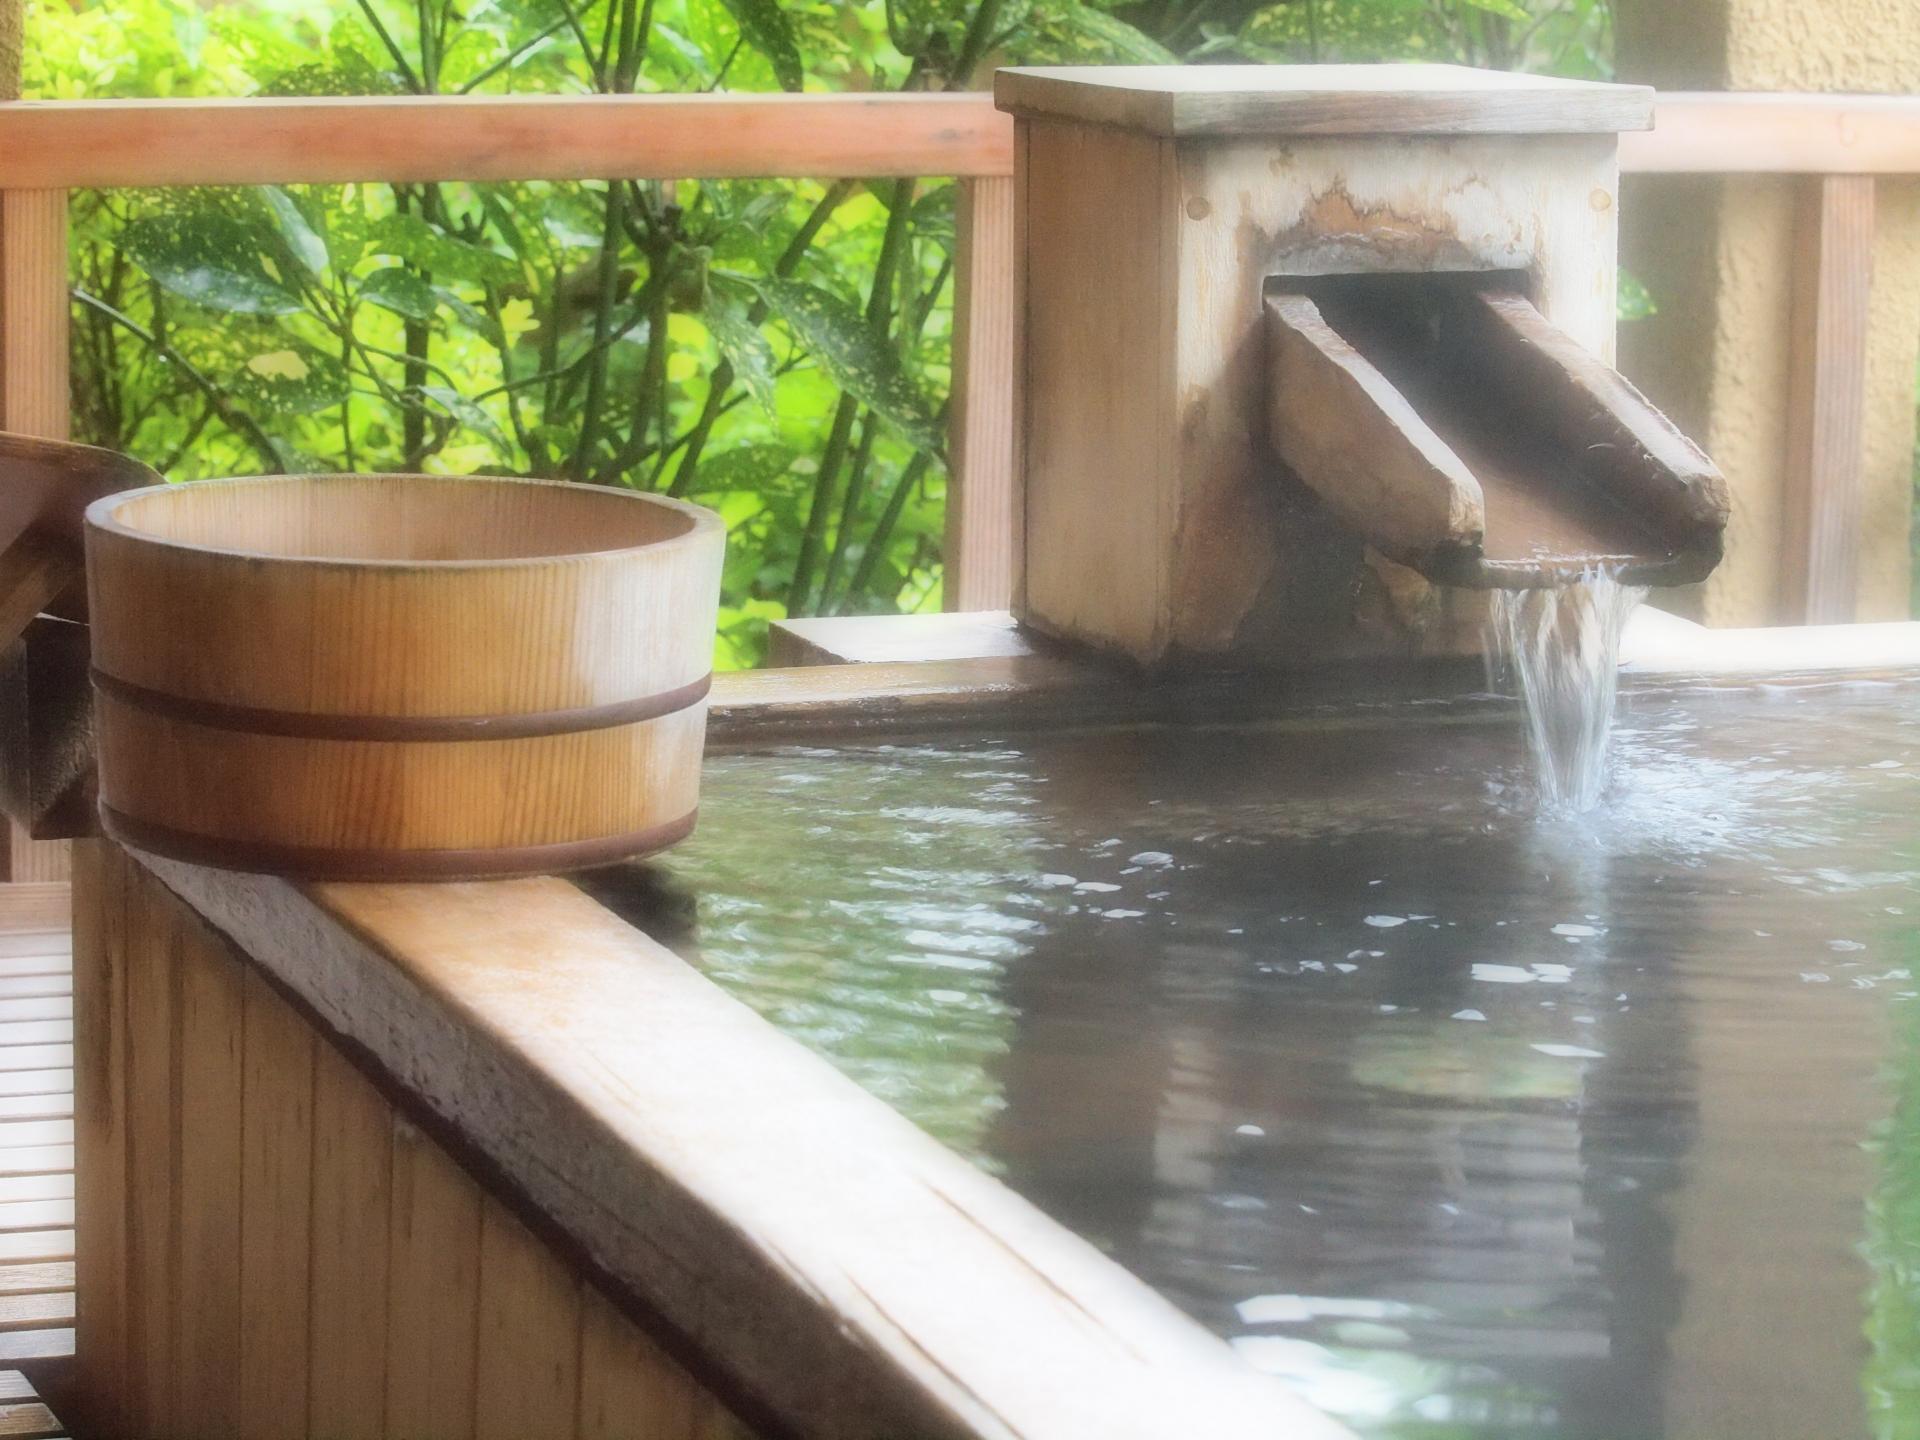 山中湖おすすめ温泉施設は?日帰りや宿泊も人気!かけ流しの贅沢な湯で癒されたい